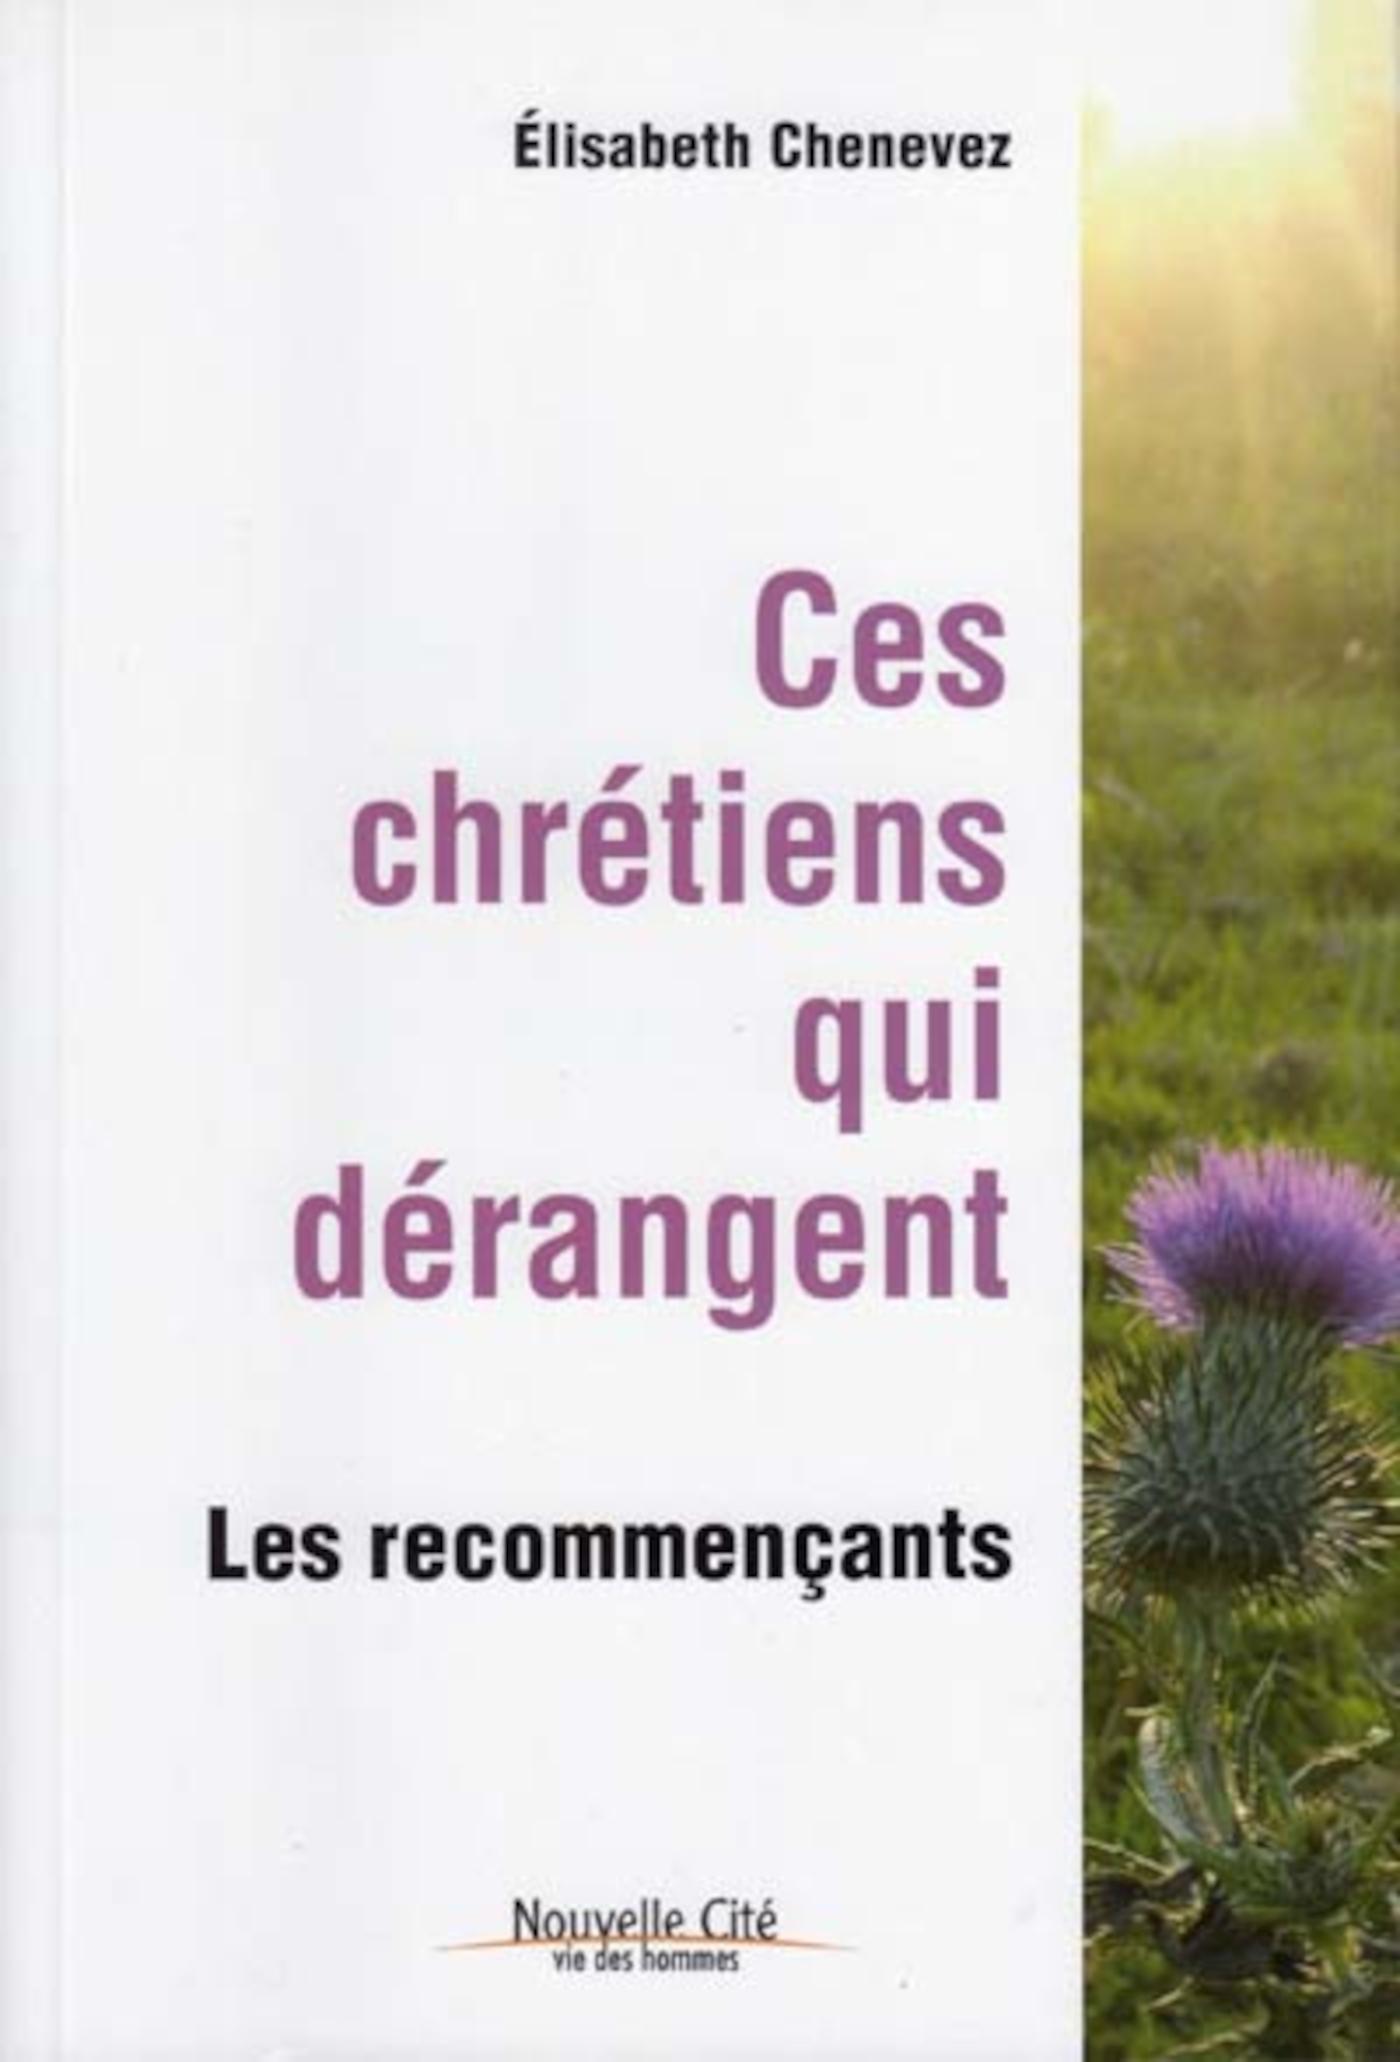 CES CHRETIENS QUI DERANGENT LES RECOMMENCANTS